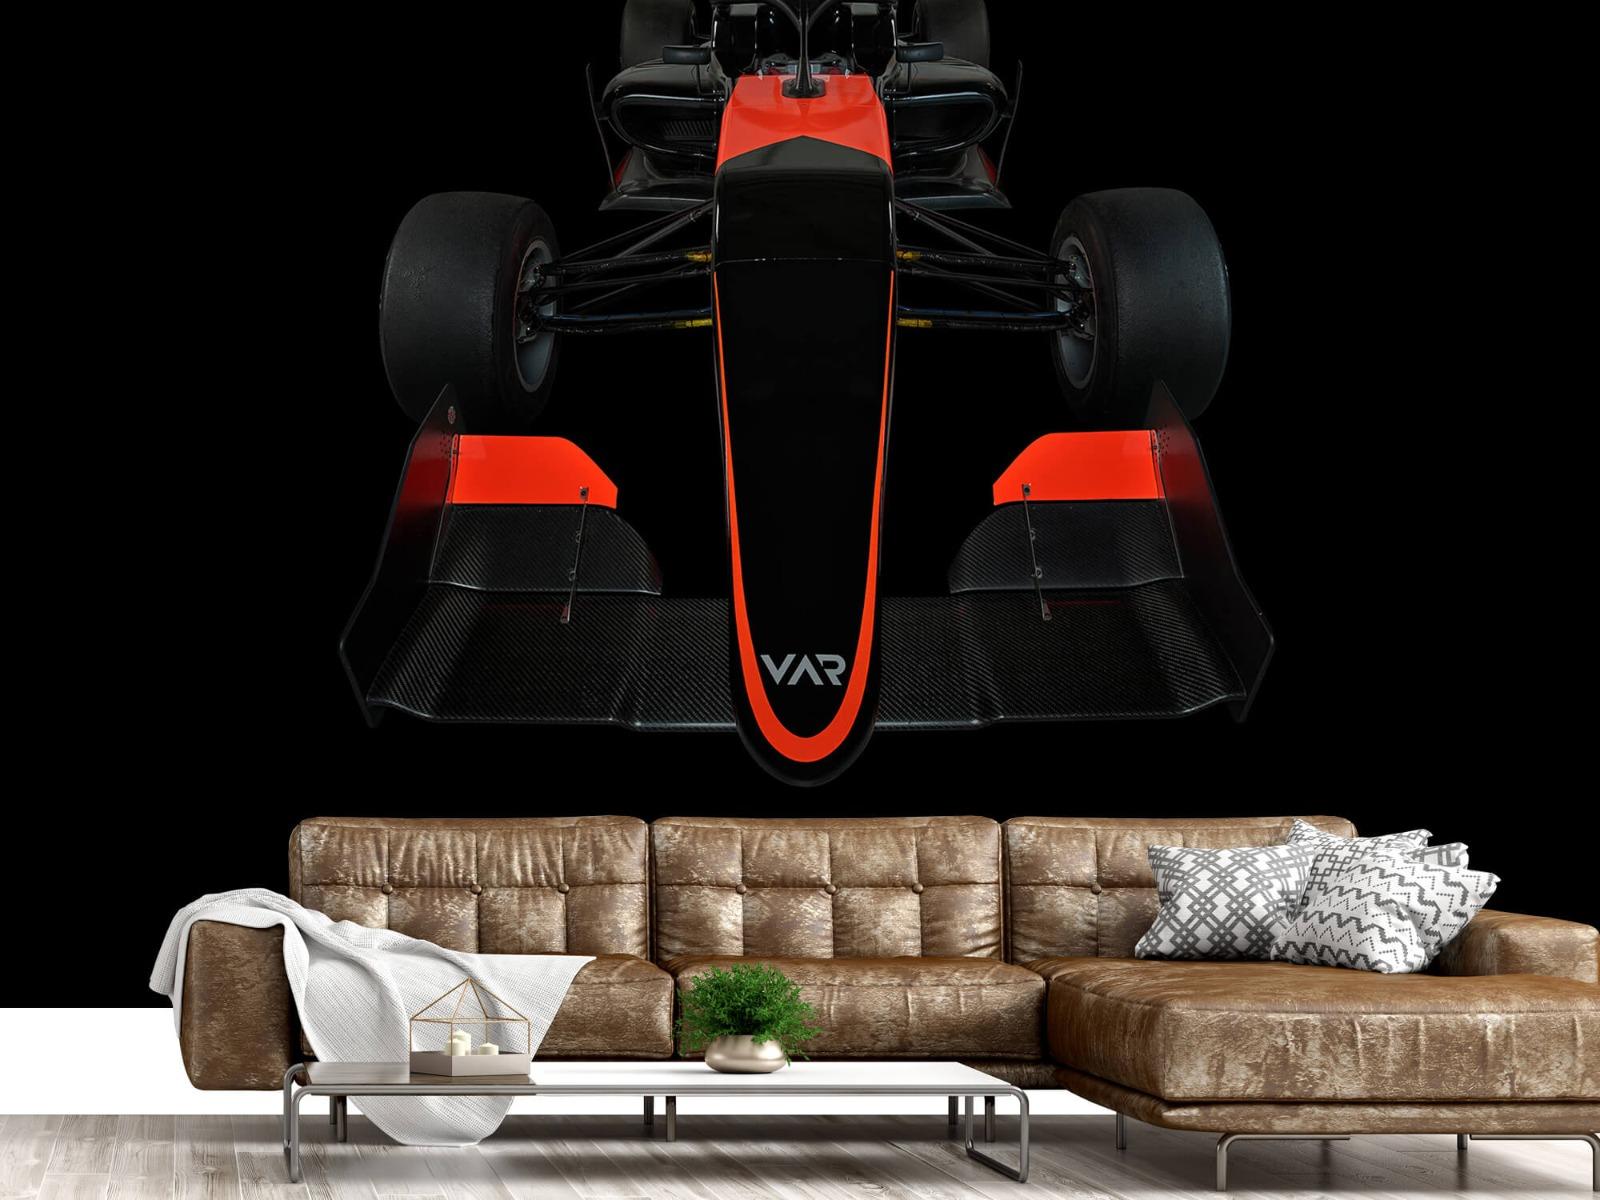 Sportauto's - Formule 3 - Front view - dark - Tienerkamer 15